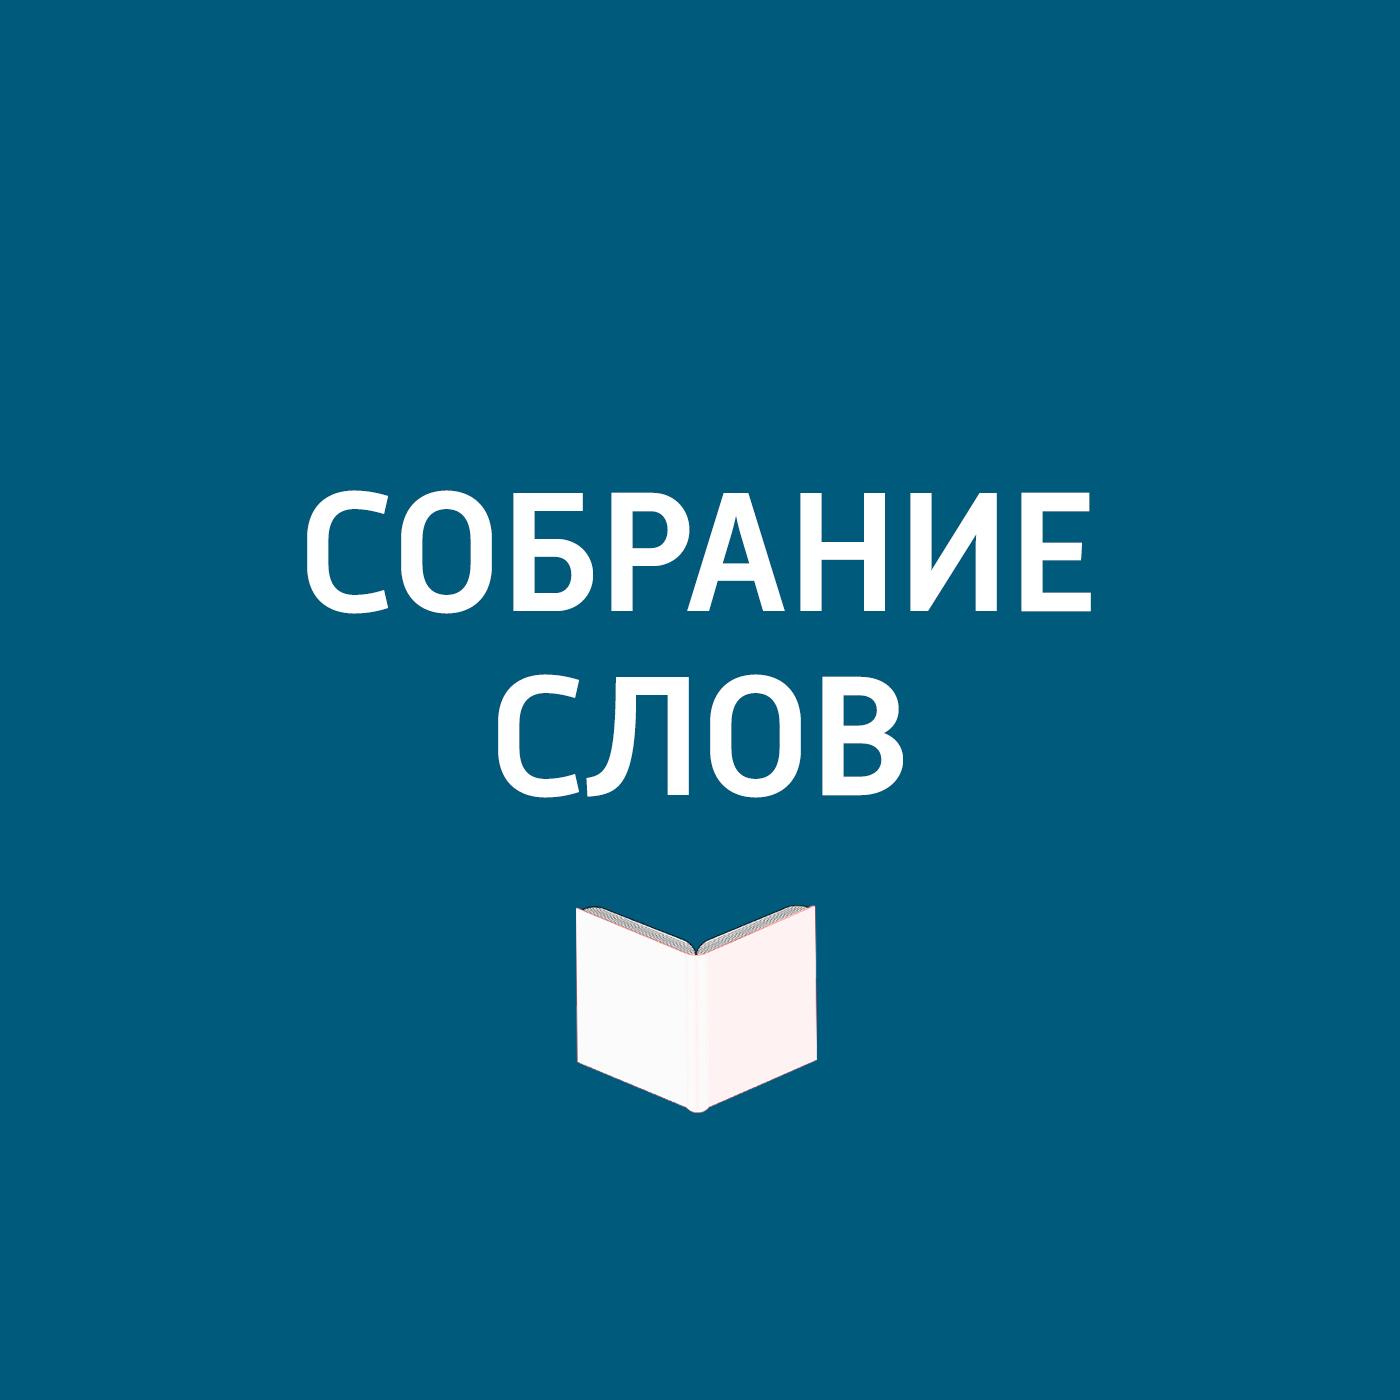 Творческий коллектив программы «Собрание слов» 2 февраля - 135 лет со дня рождения Михаила Гнесина